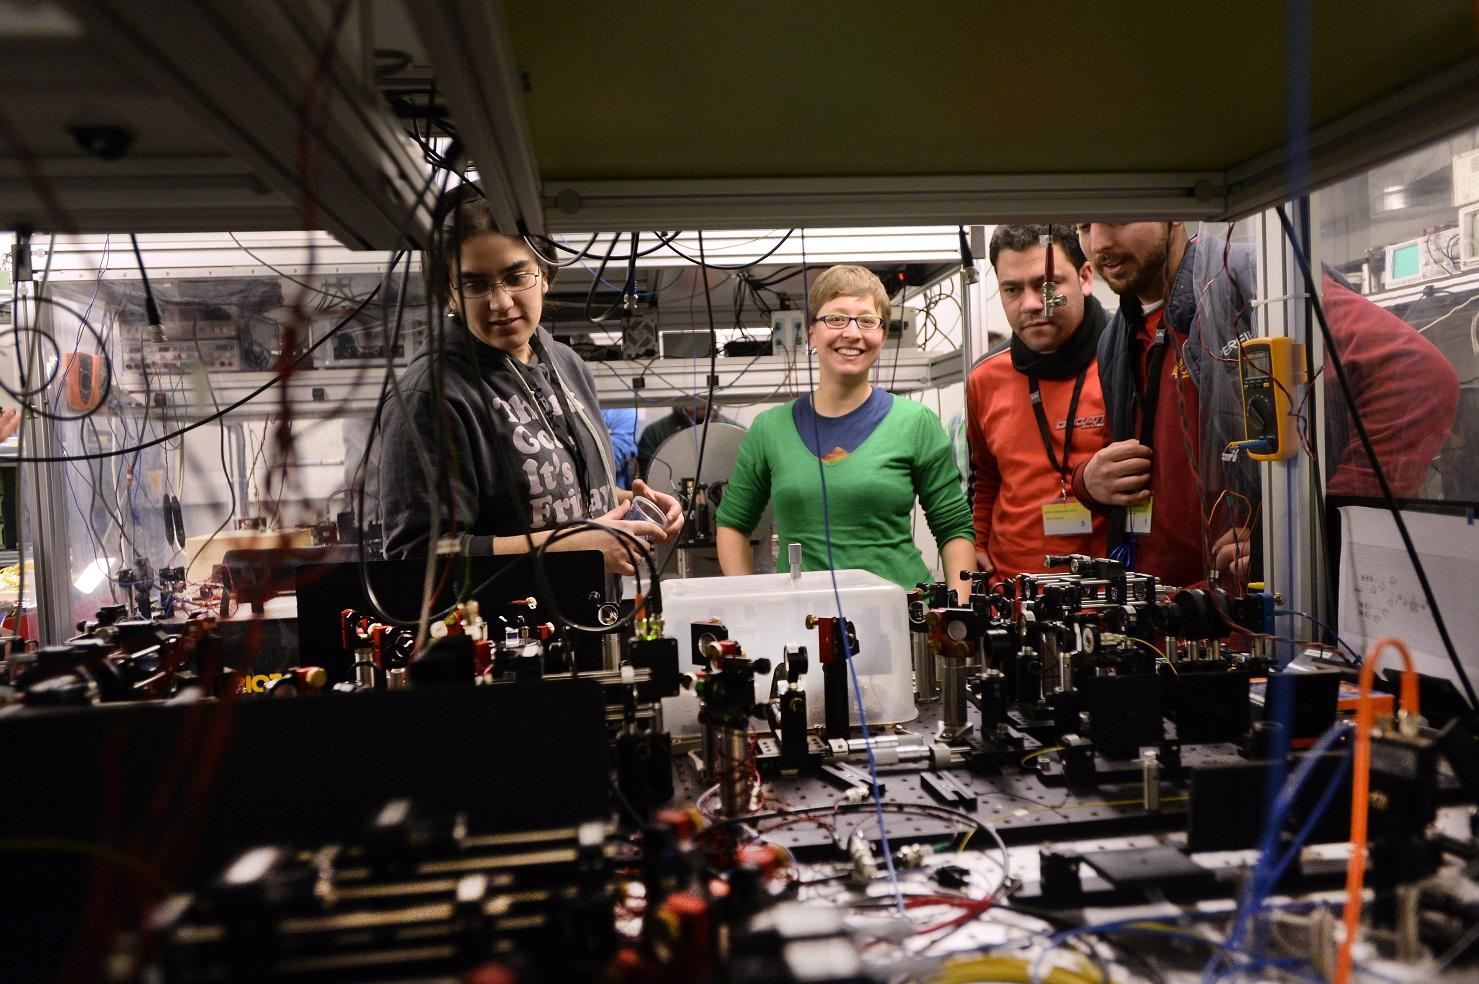 La fotònica ens envolta! - Visita a l'ICFO - Institut de Ciències Fotòniques